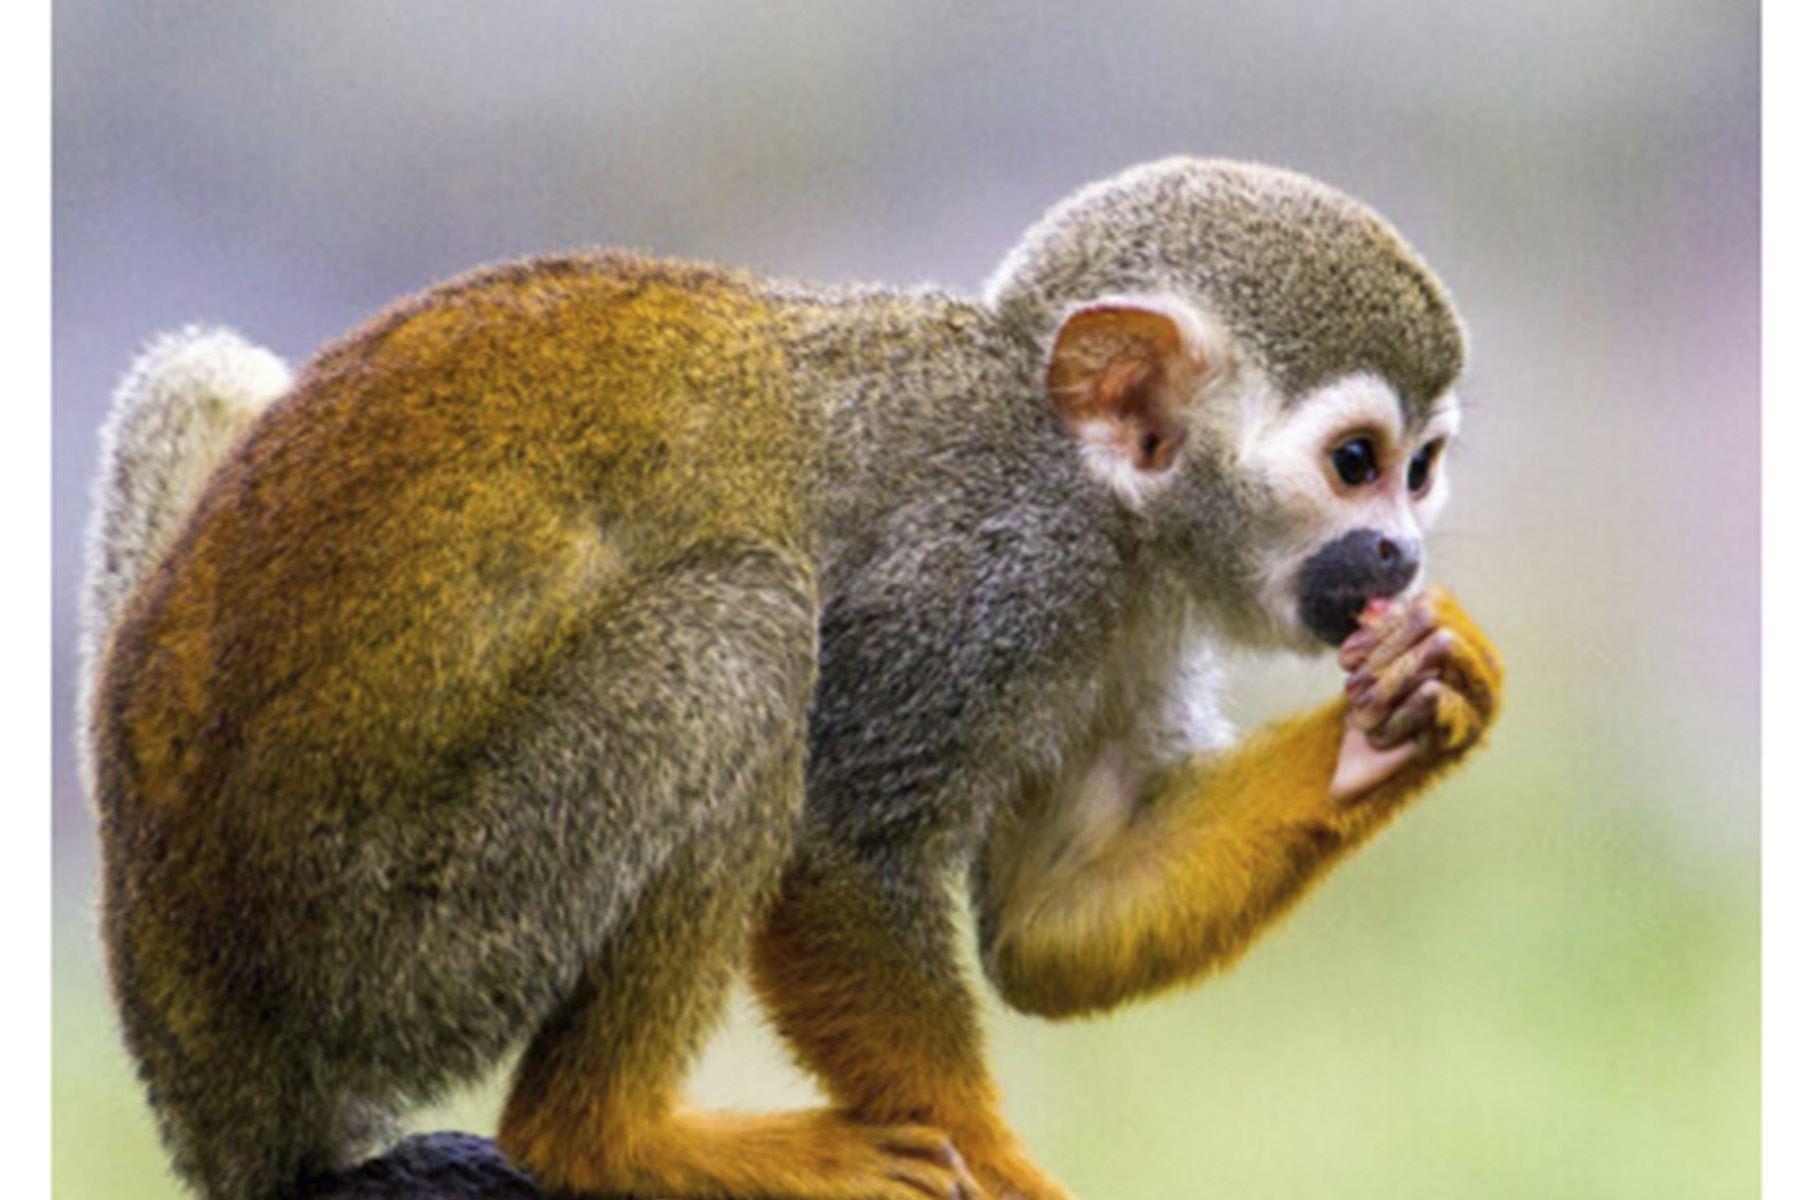 Científicos de San Marcos investigan la presencia del SARS-CoV-2 en monos y hurones